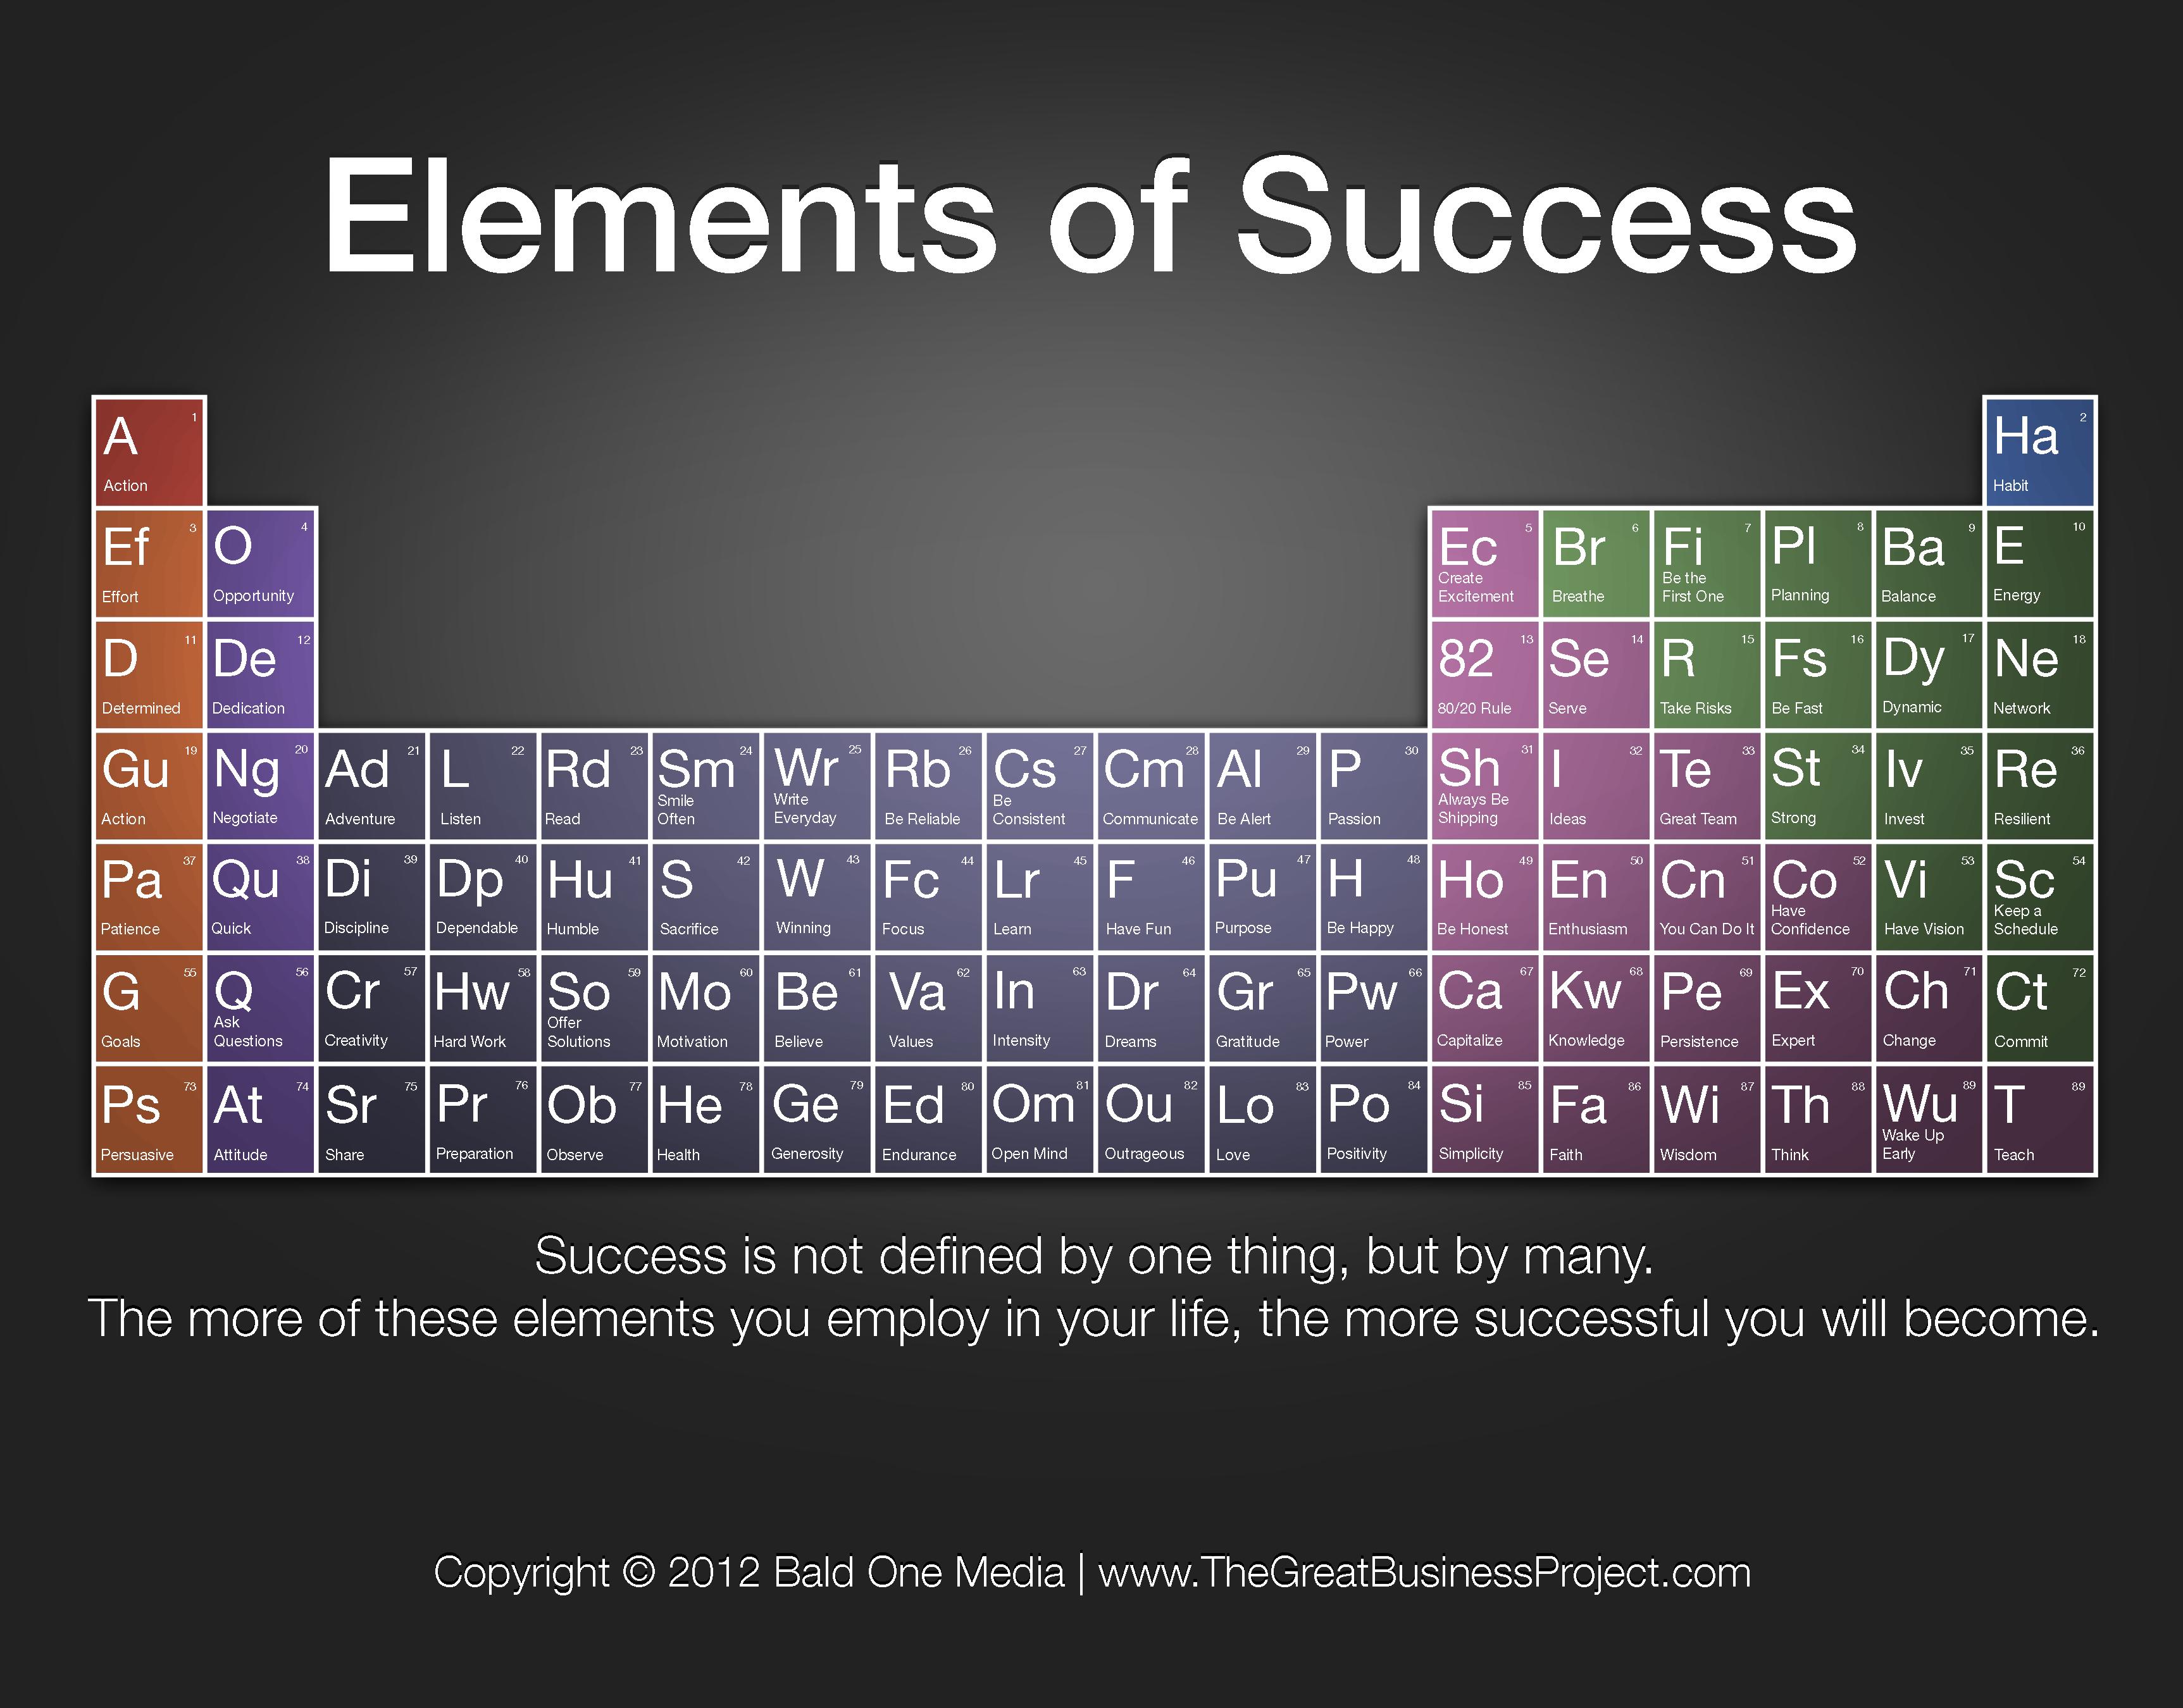 Elements of success infographic httpwww elements of success infographic httphappynewyear2016hdimageswihshes urtaz Choice Image